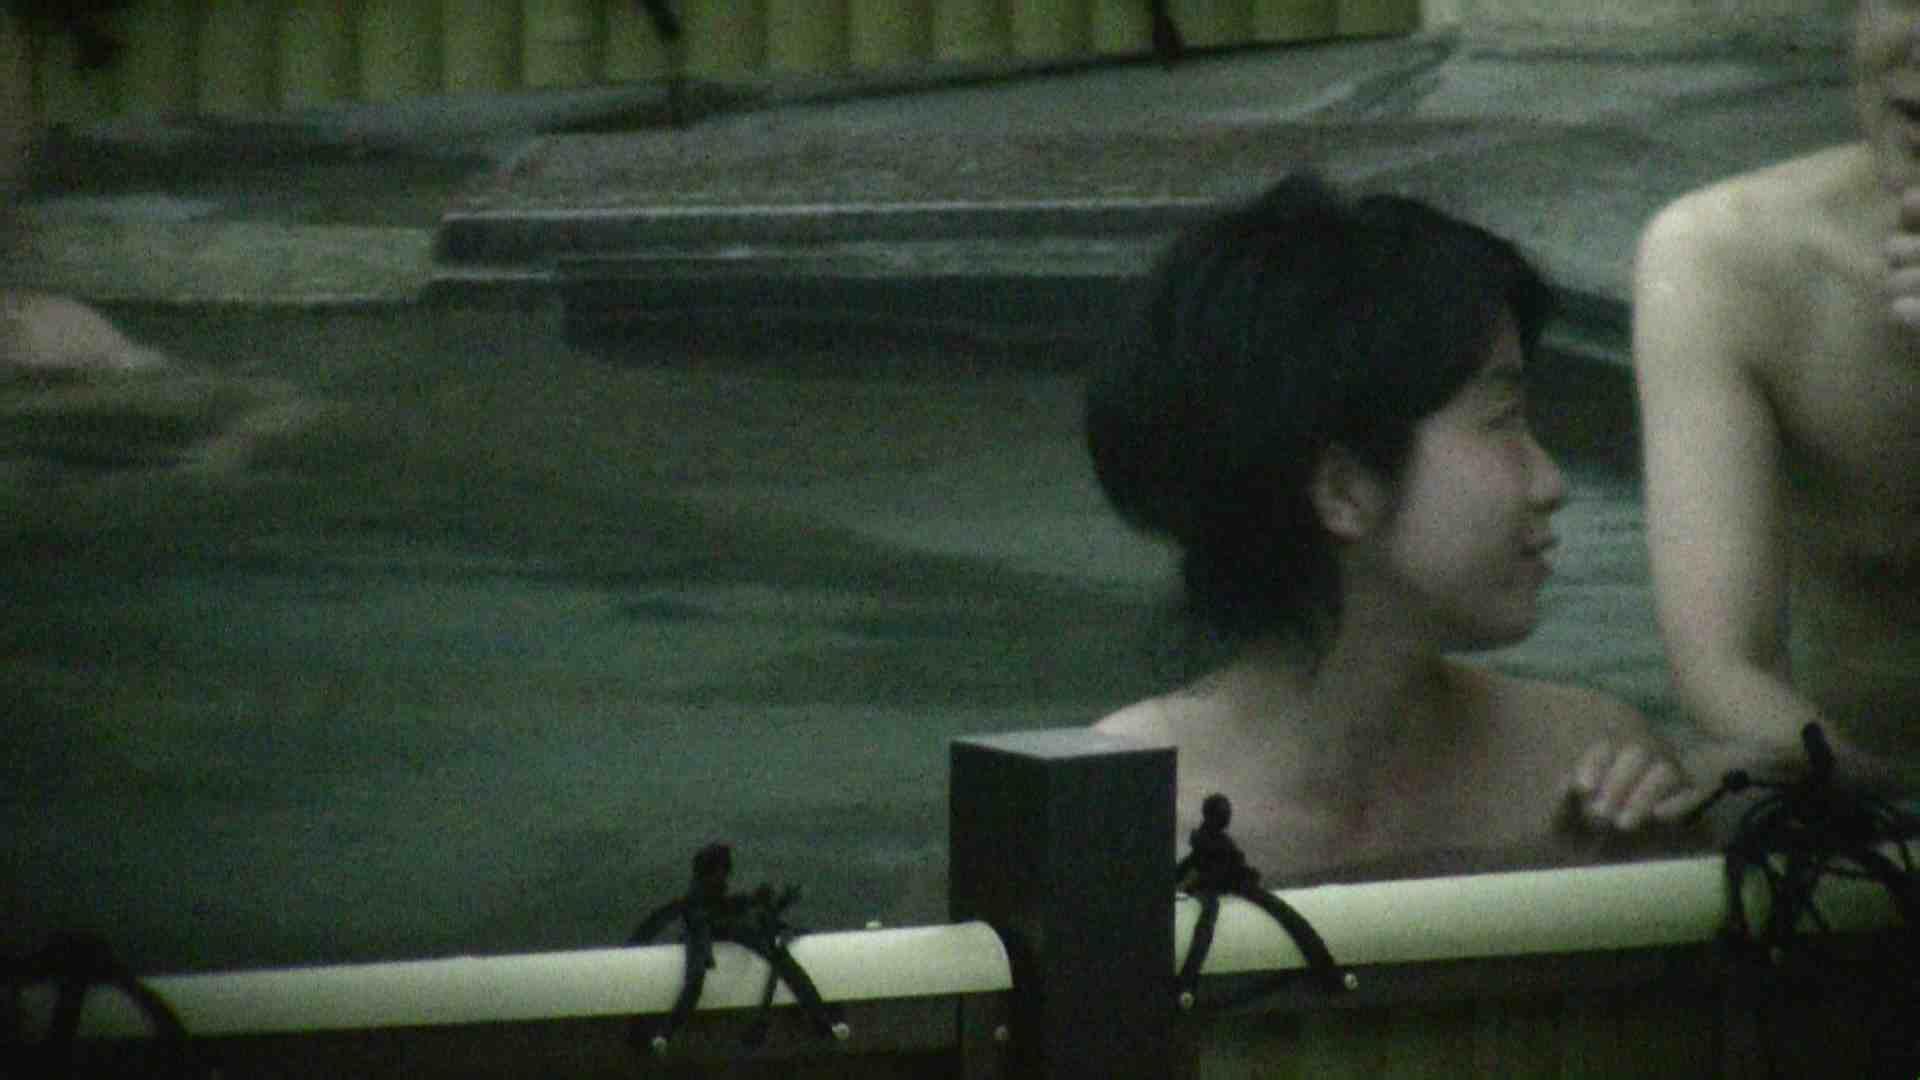 Aquaな露天風呂Vol.112 露天 | 綺麗なOLたち  73枚 64